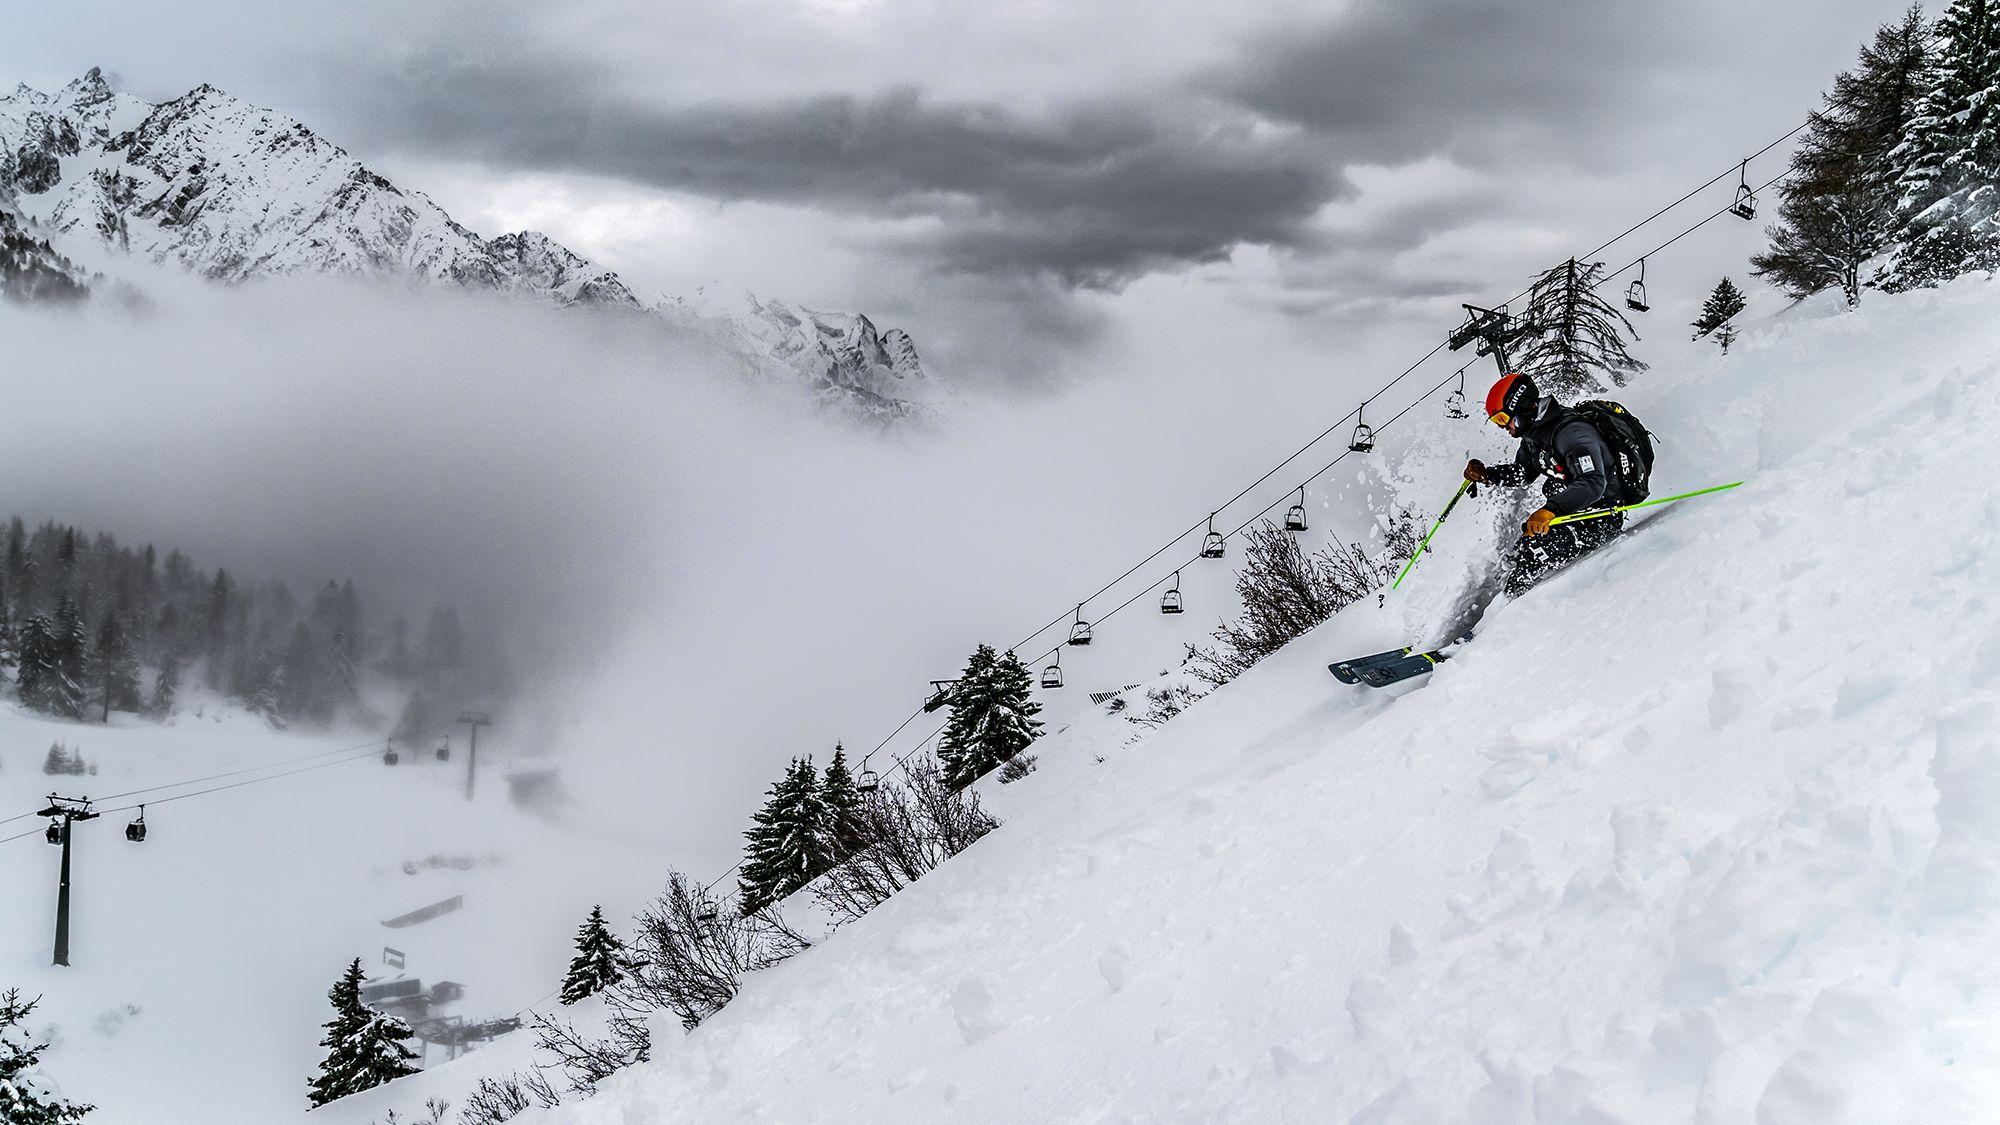 Uitslag skitest 2019-2020: freeride